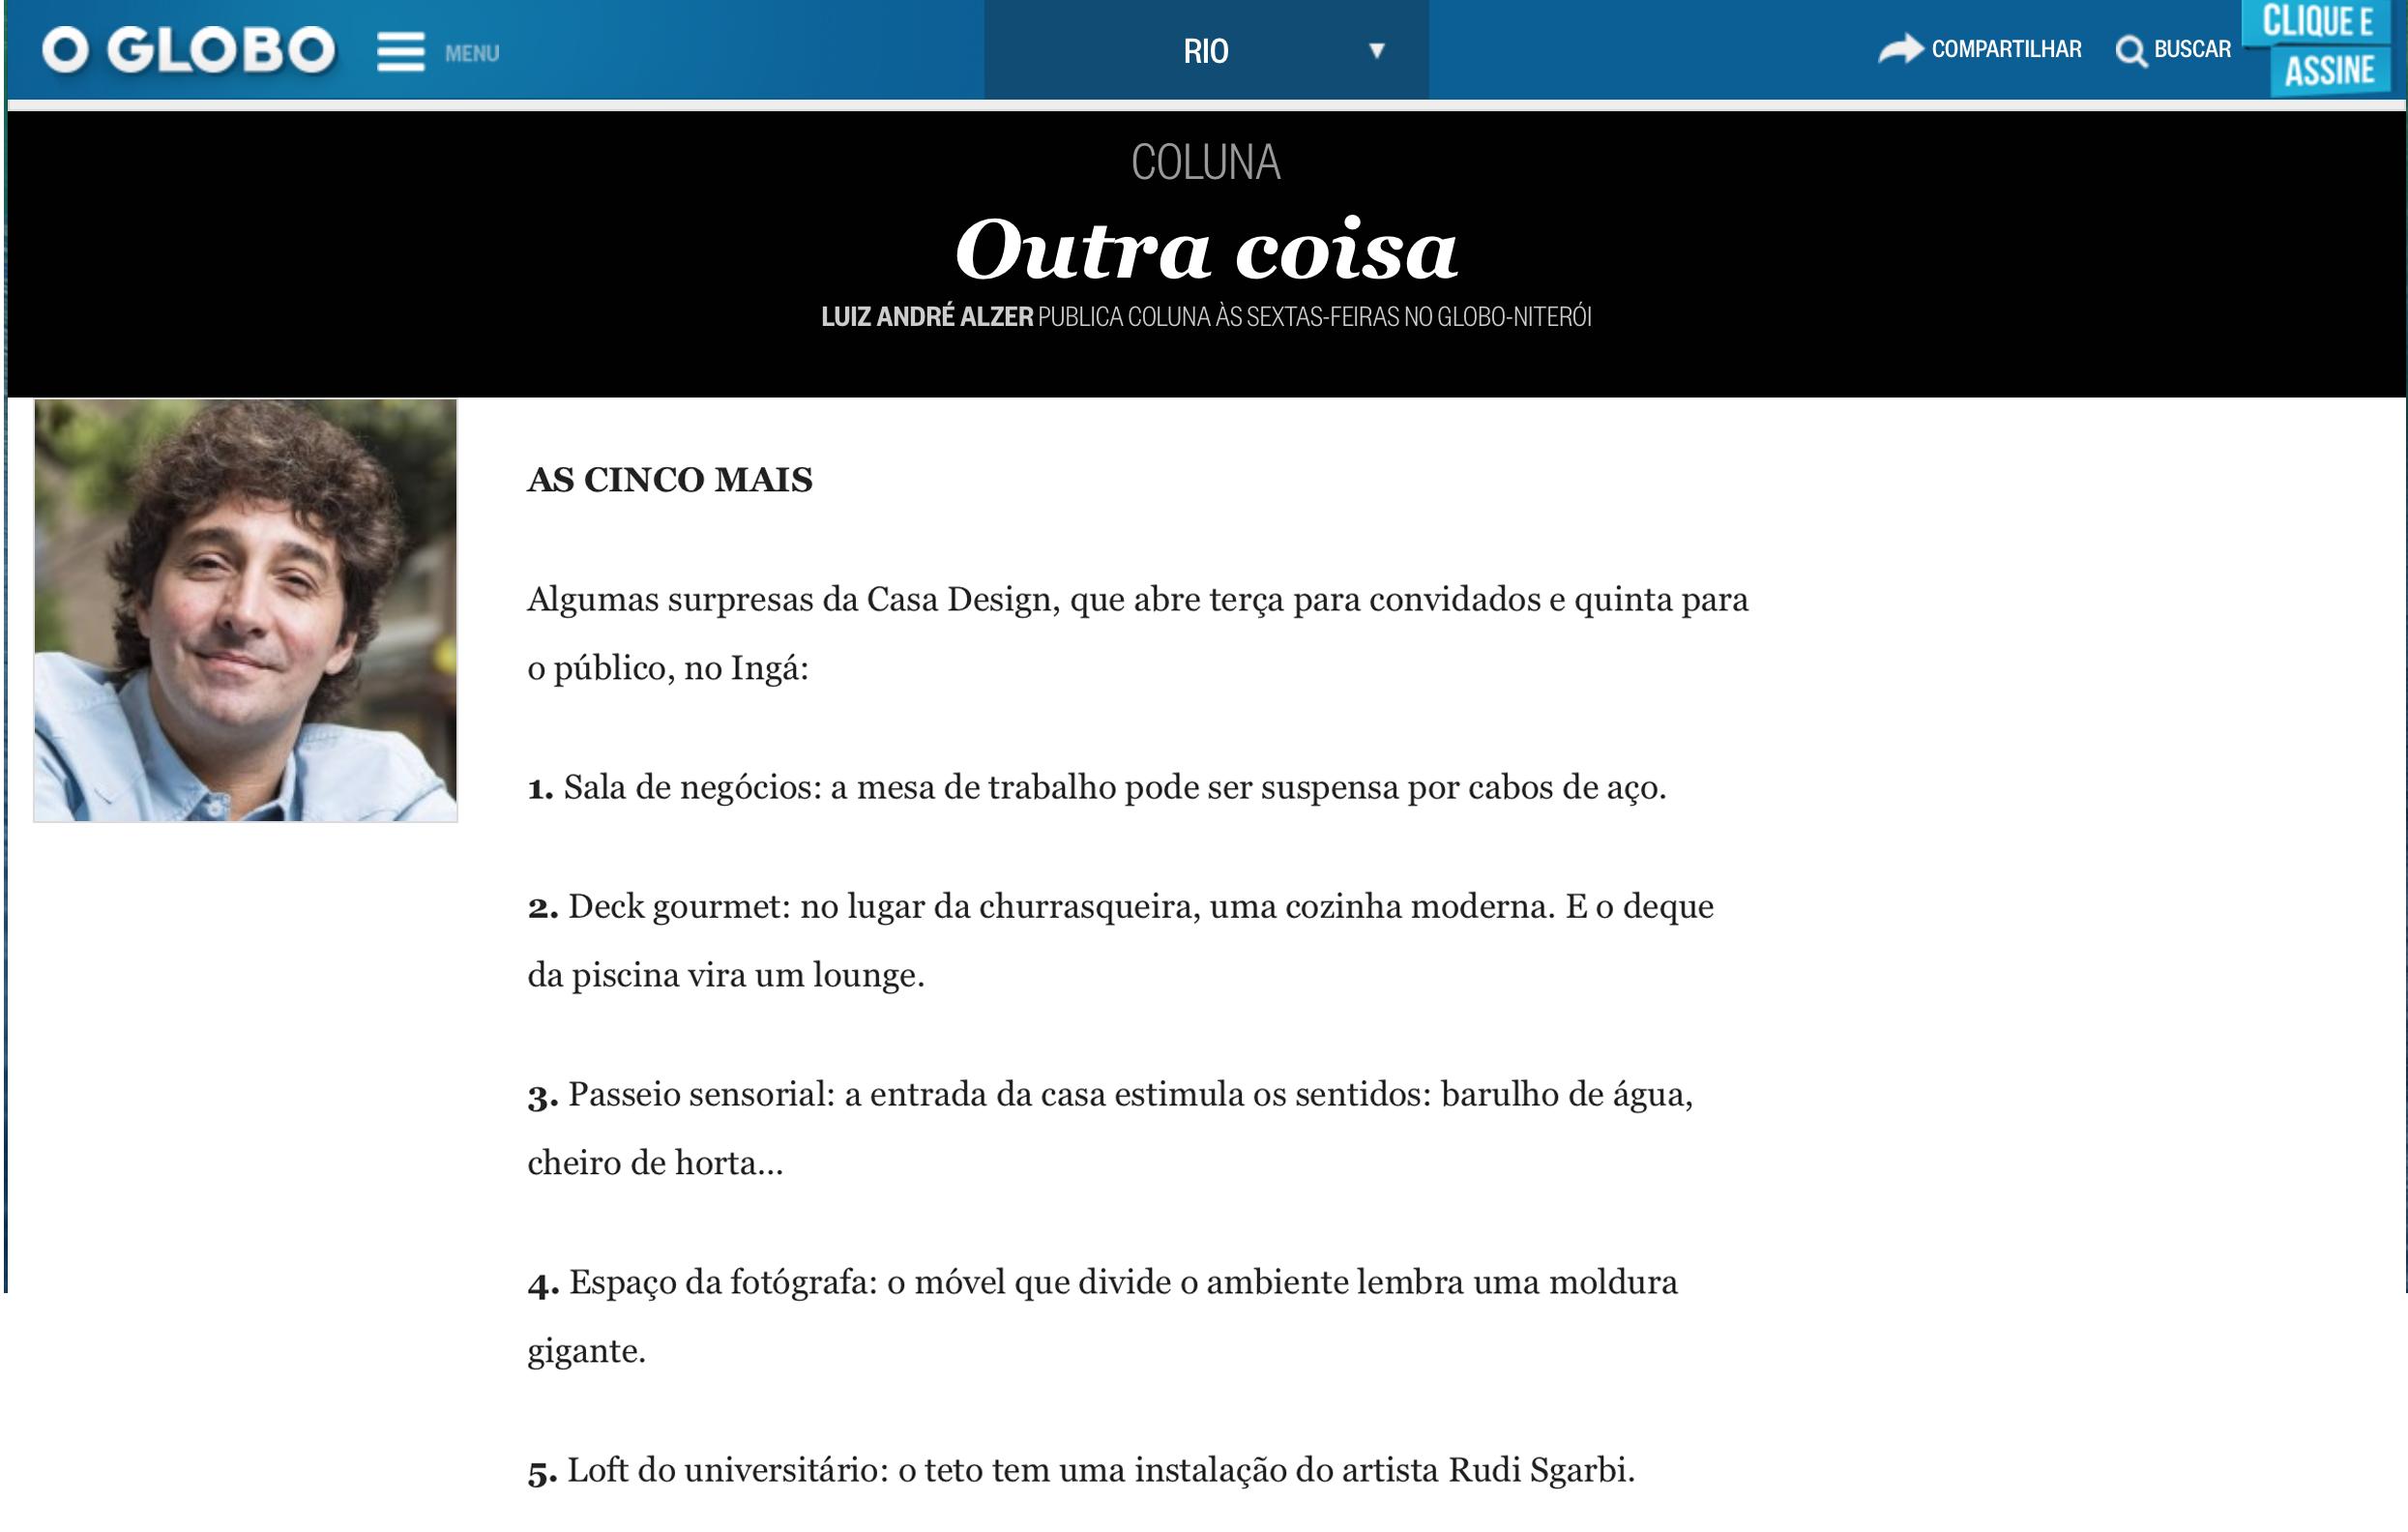 coluna_outracoisa_25-09-2015